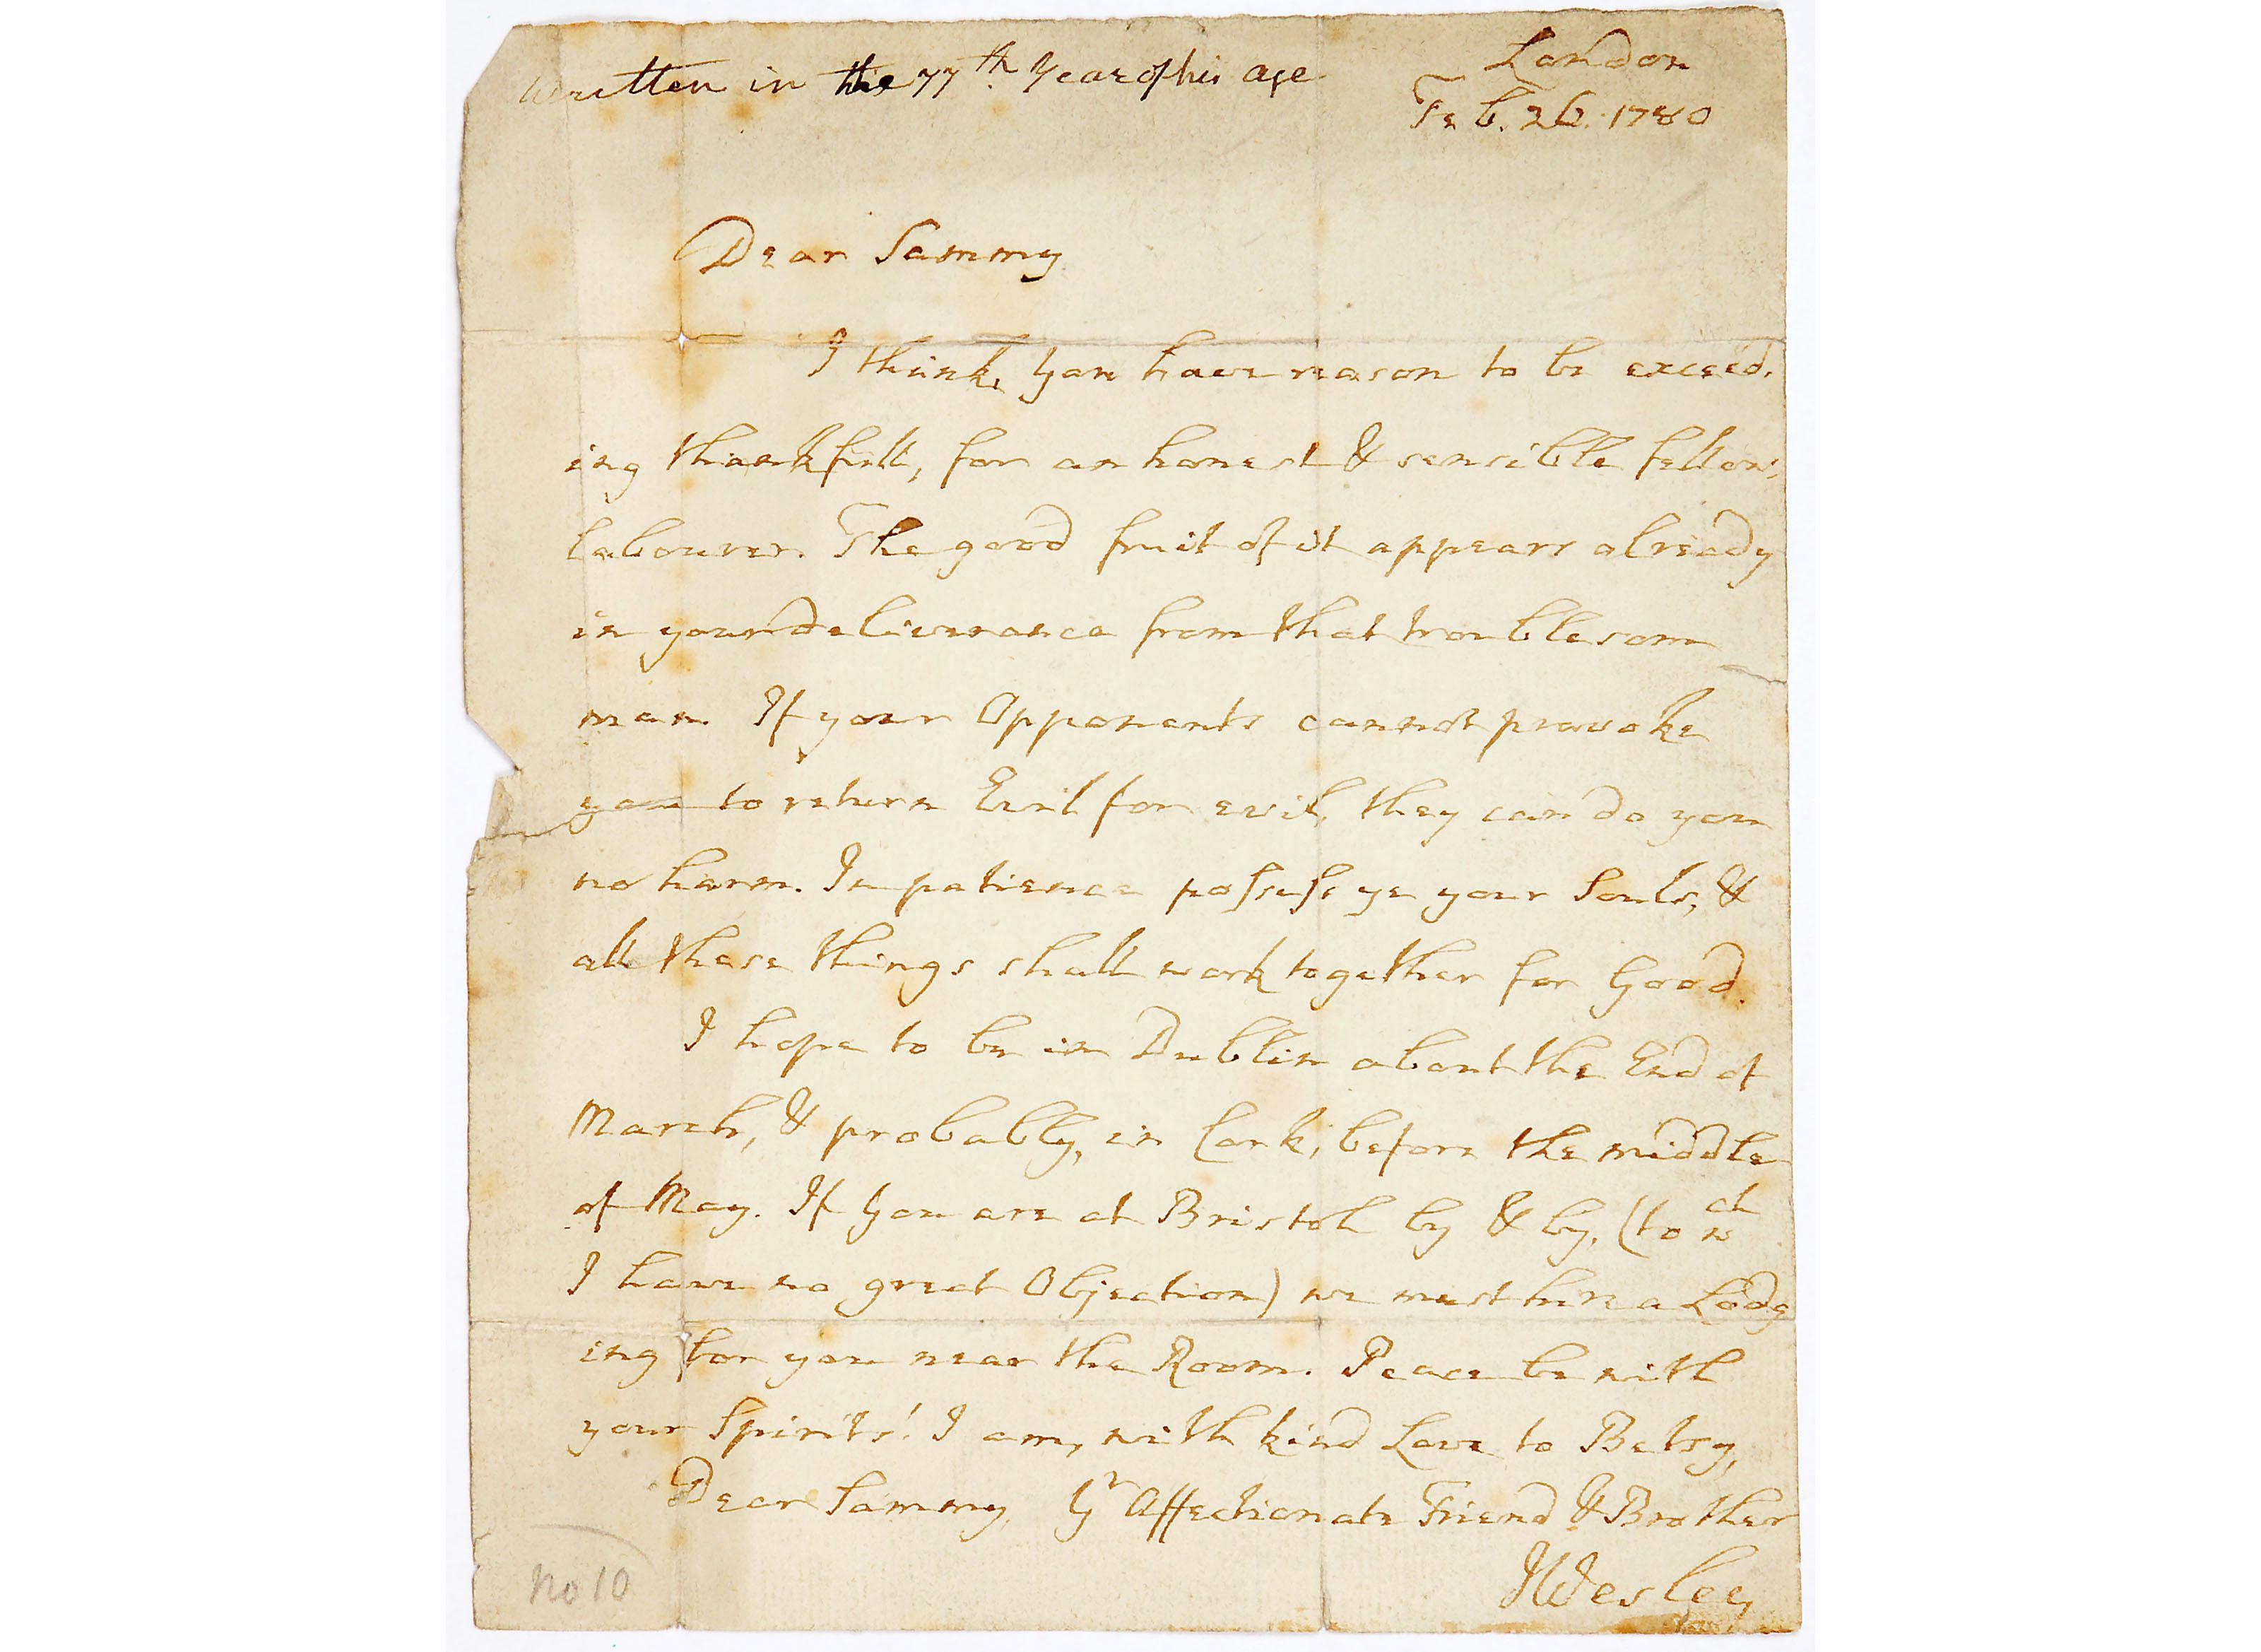 Letter from John Wesley to Samuel Bradburn